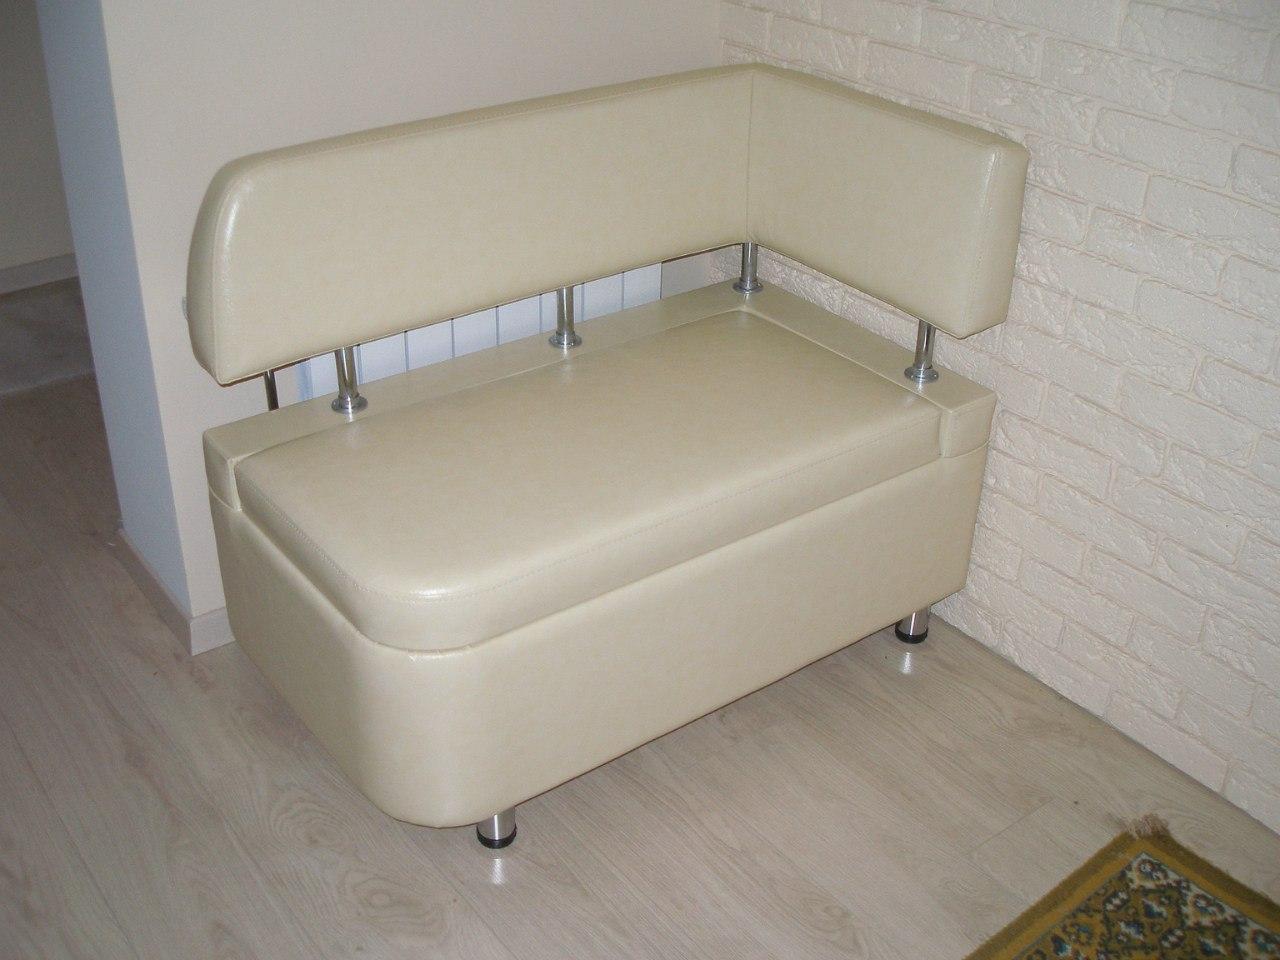 малогабаритная скамейка для кухни